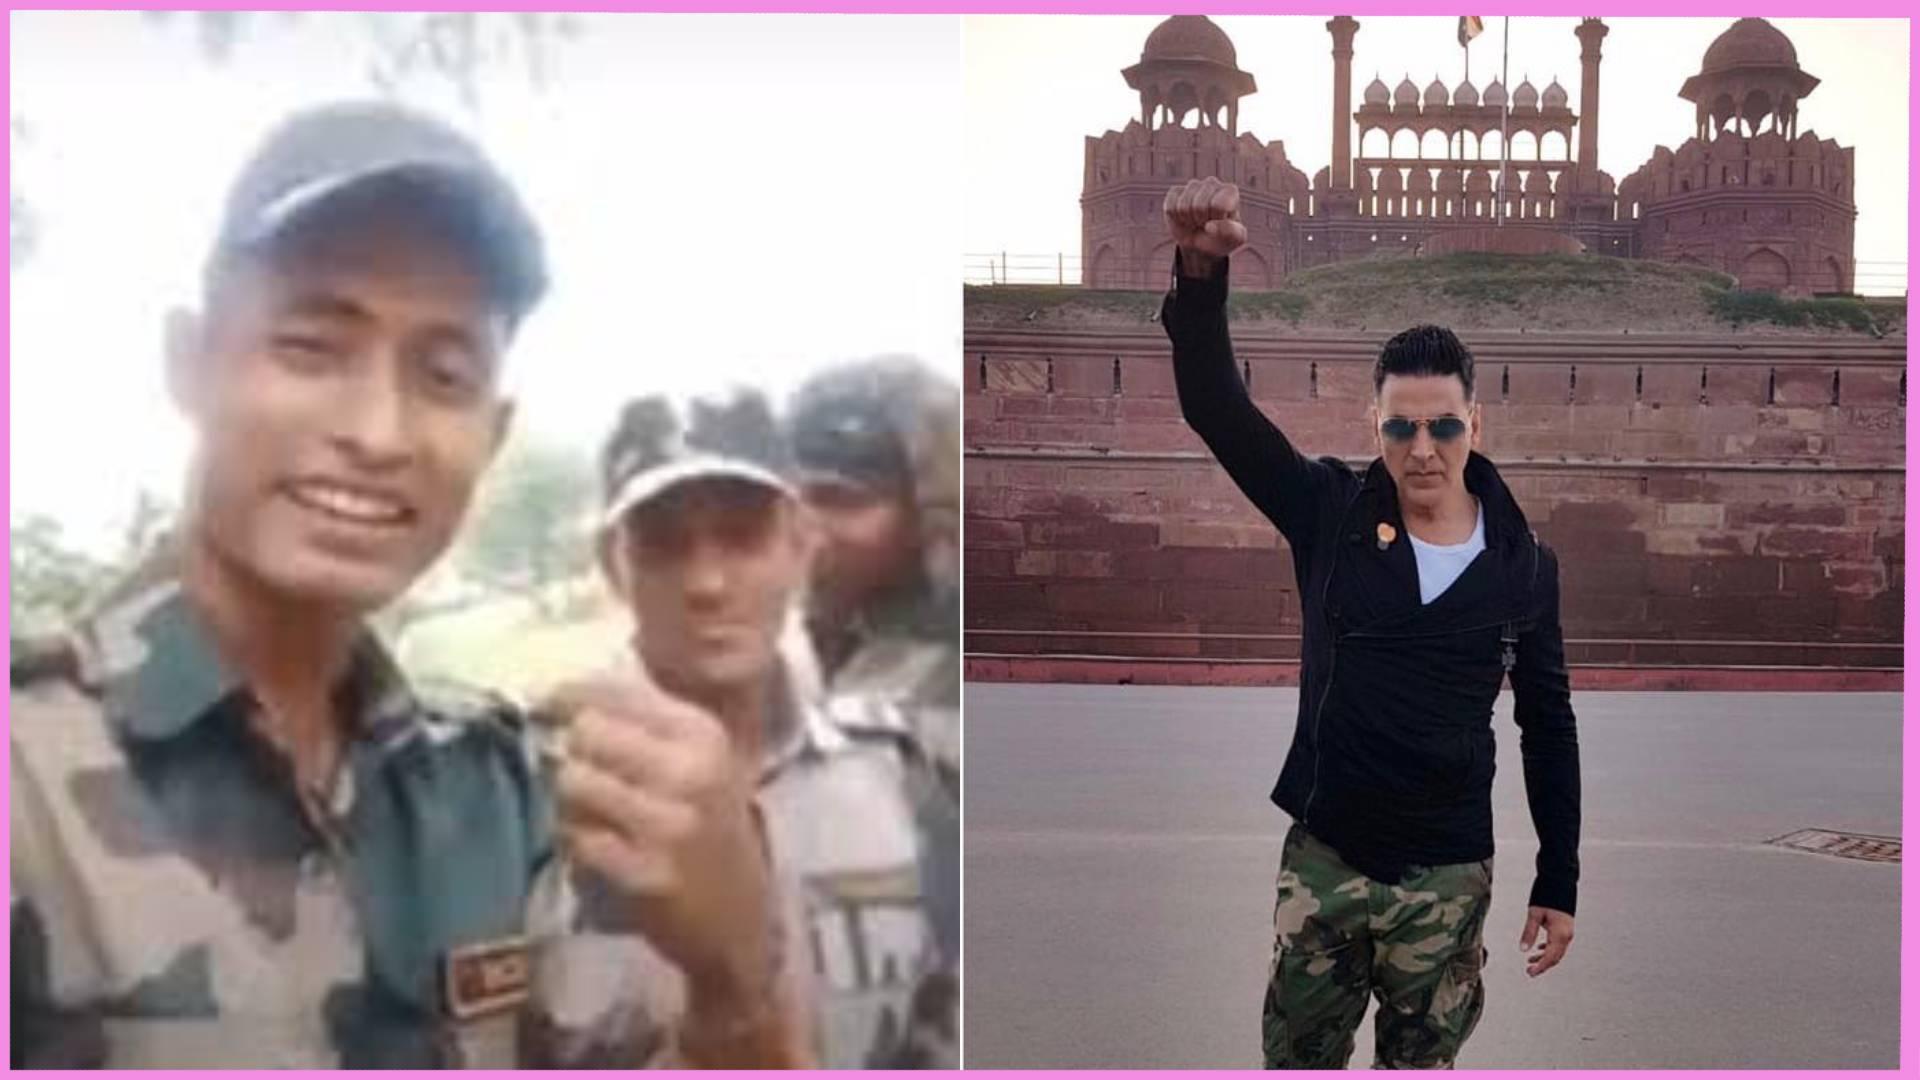 Kargil Vijay Diwas 2019: अक्षय कुमार ने भारत के वीरों को किया सलाम, वीडियो शेयर कर दिया ये खास मैसेज